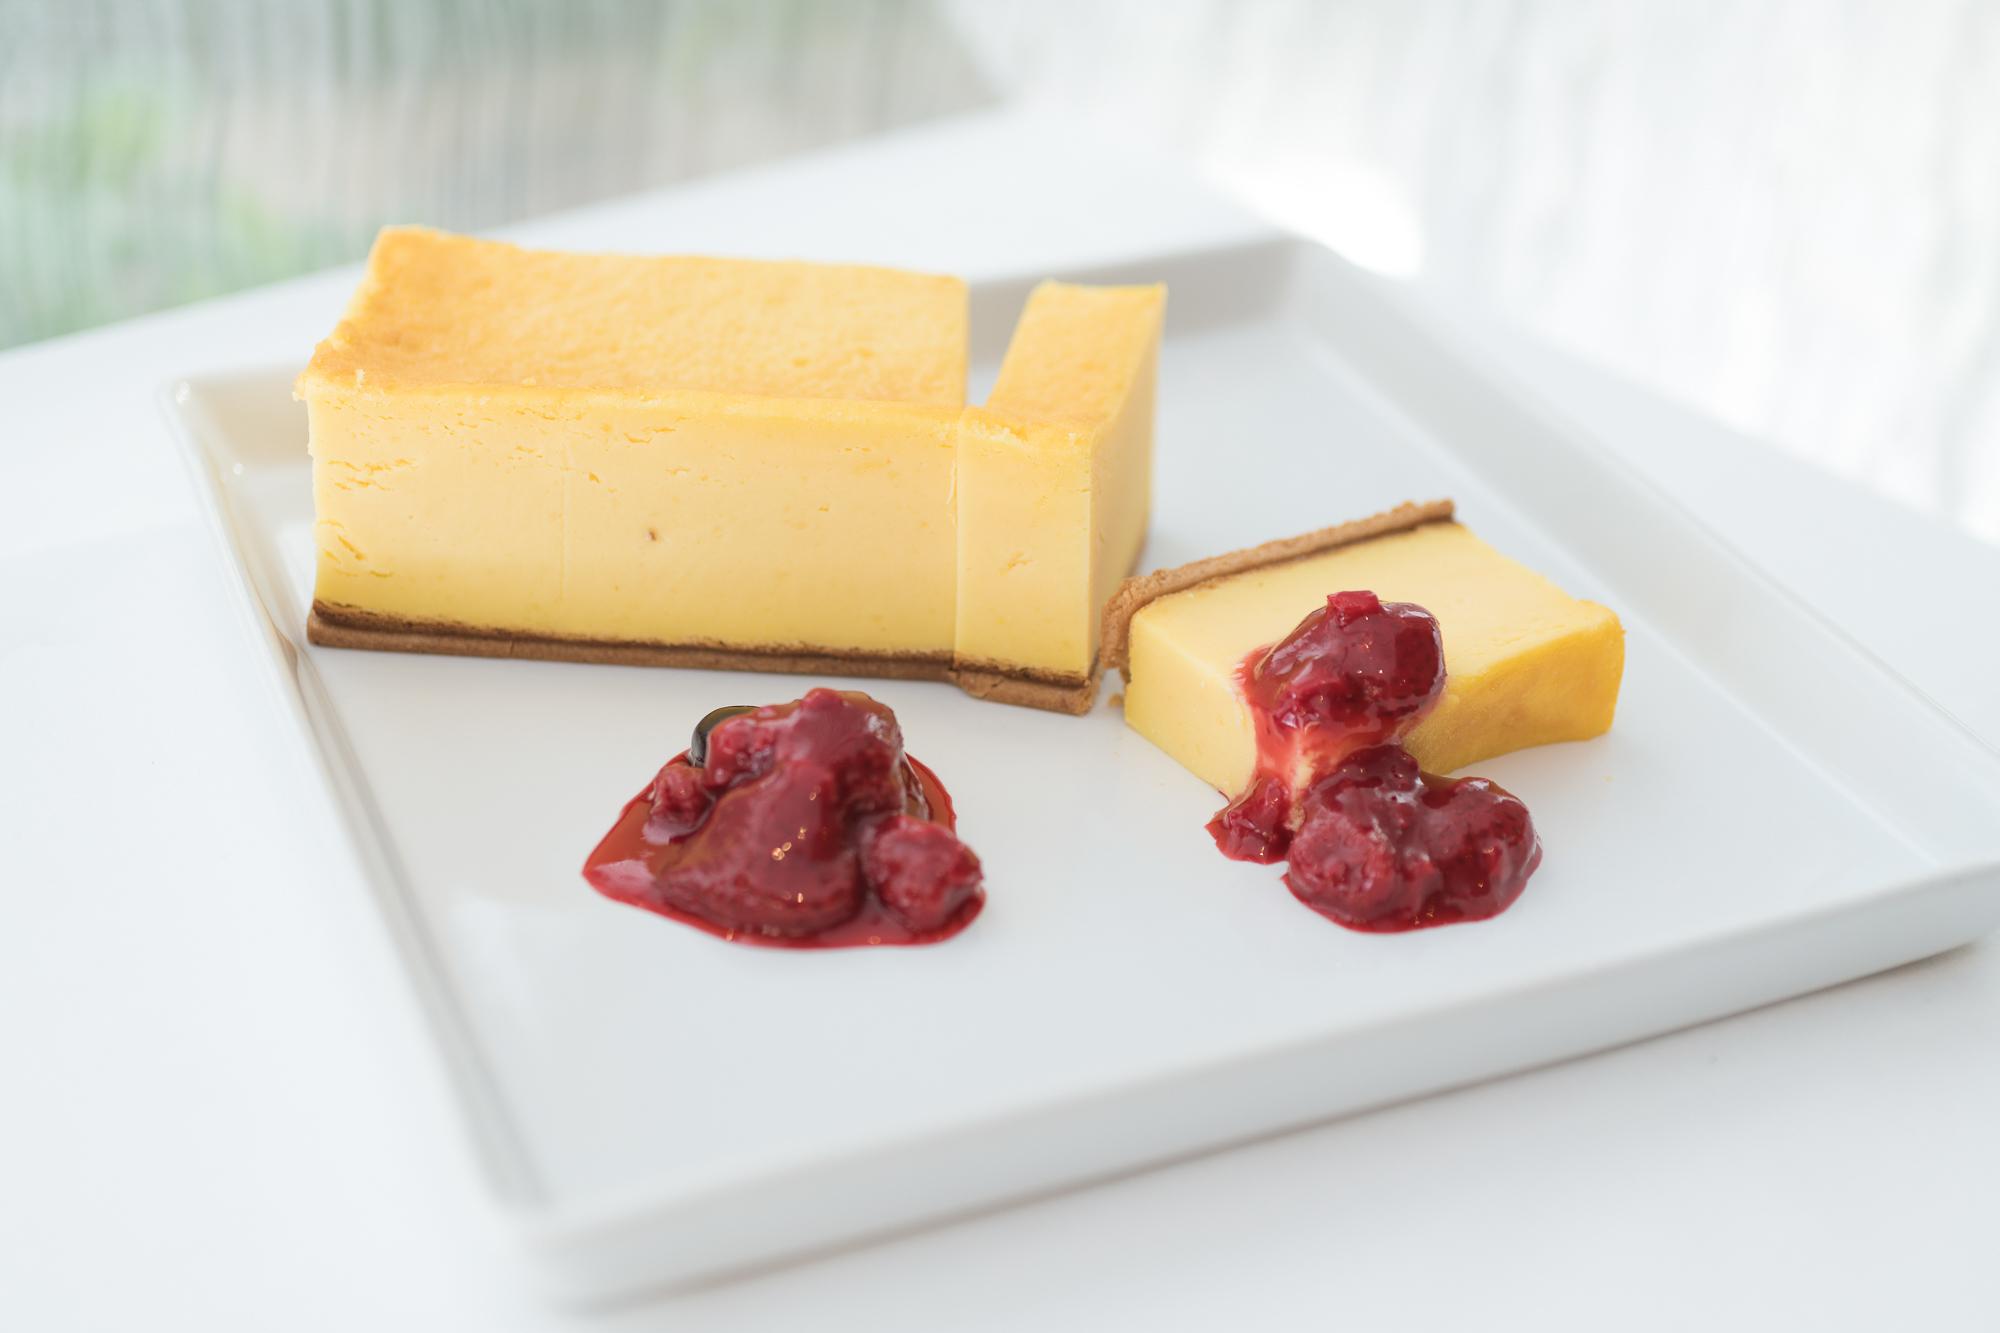 【ラ・ロシェル山王 オリジナル】濃厚ベイクドチーズケーキ